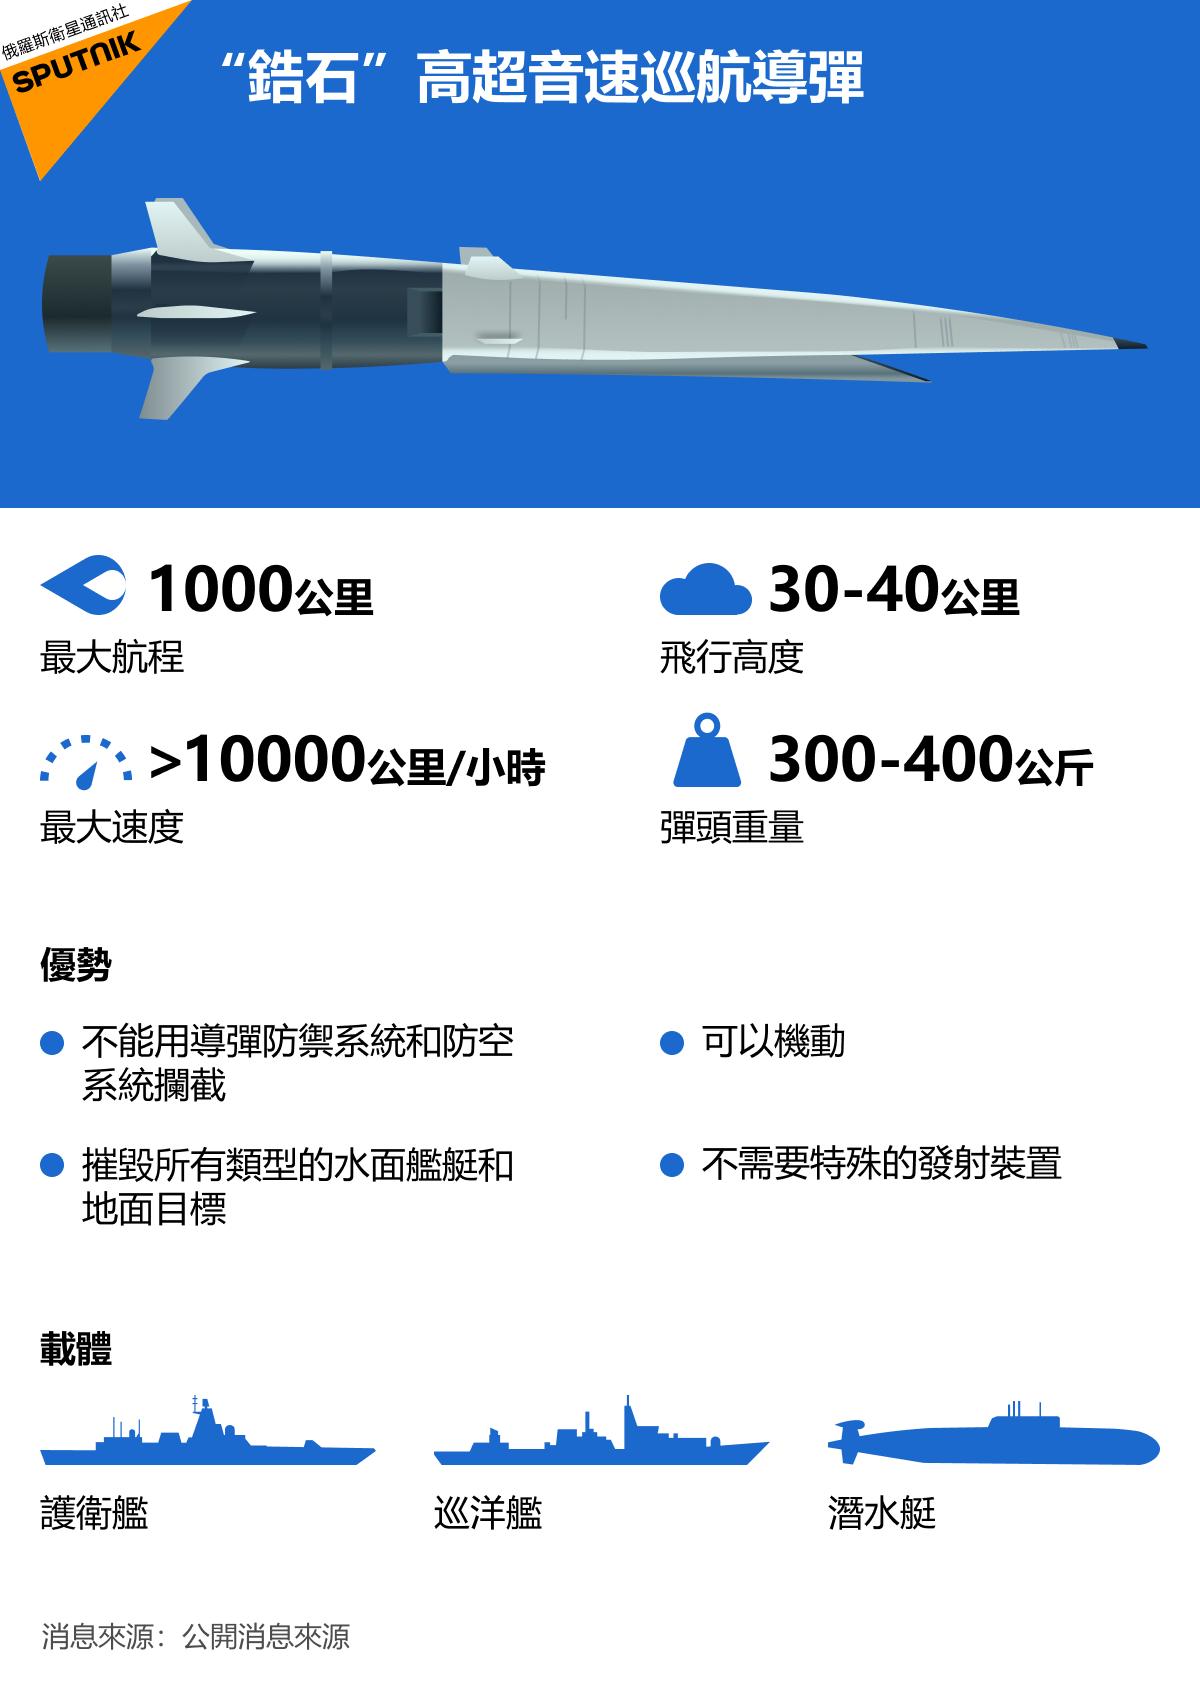 俄羅斯製造了世界上第一枚海基高超音速巡航導彈「鋯石」。